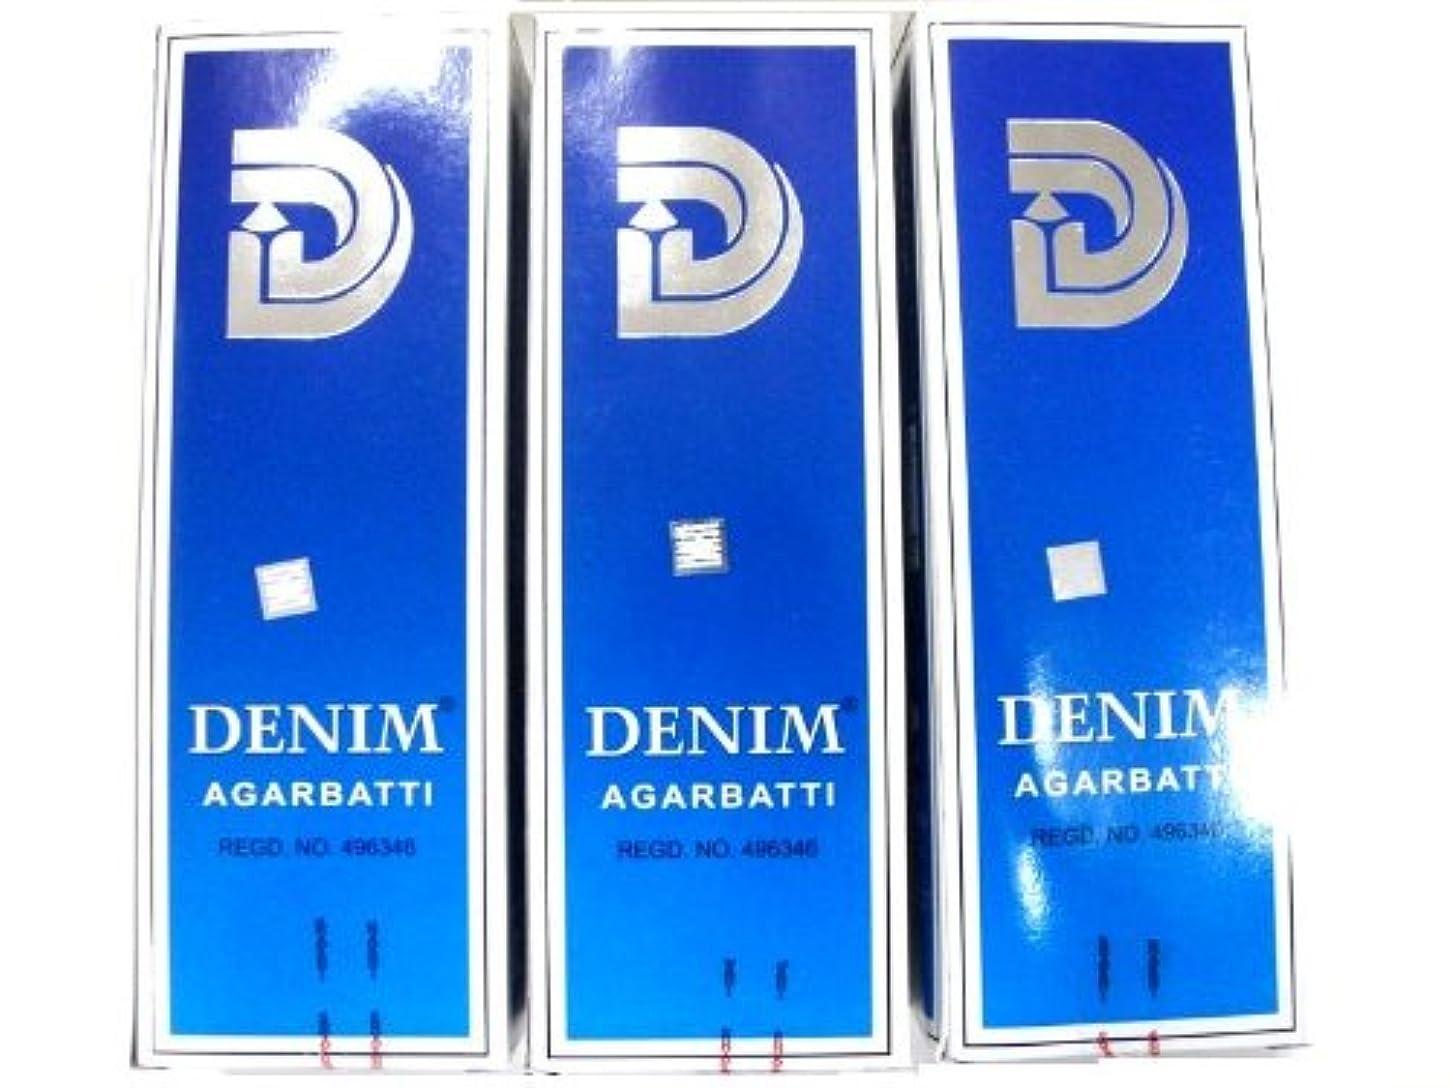 登る軽量チャーミングSHASHI スティックお香/六角香/ヘキサパック(18箱)3ケースセット(デニム)